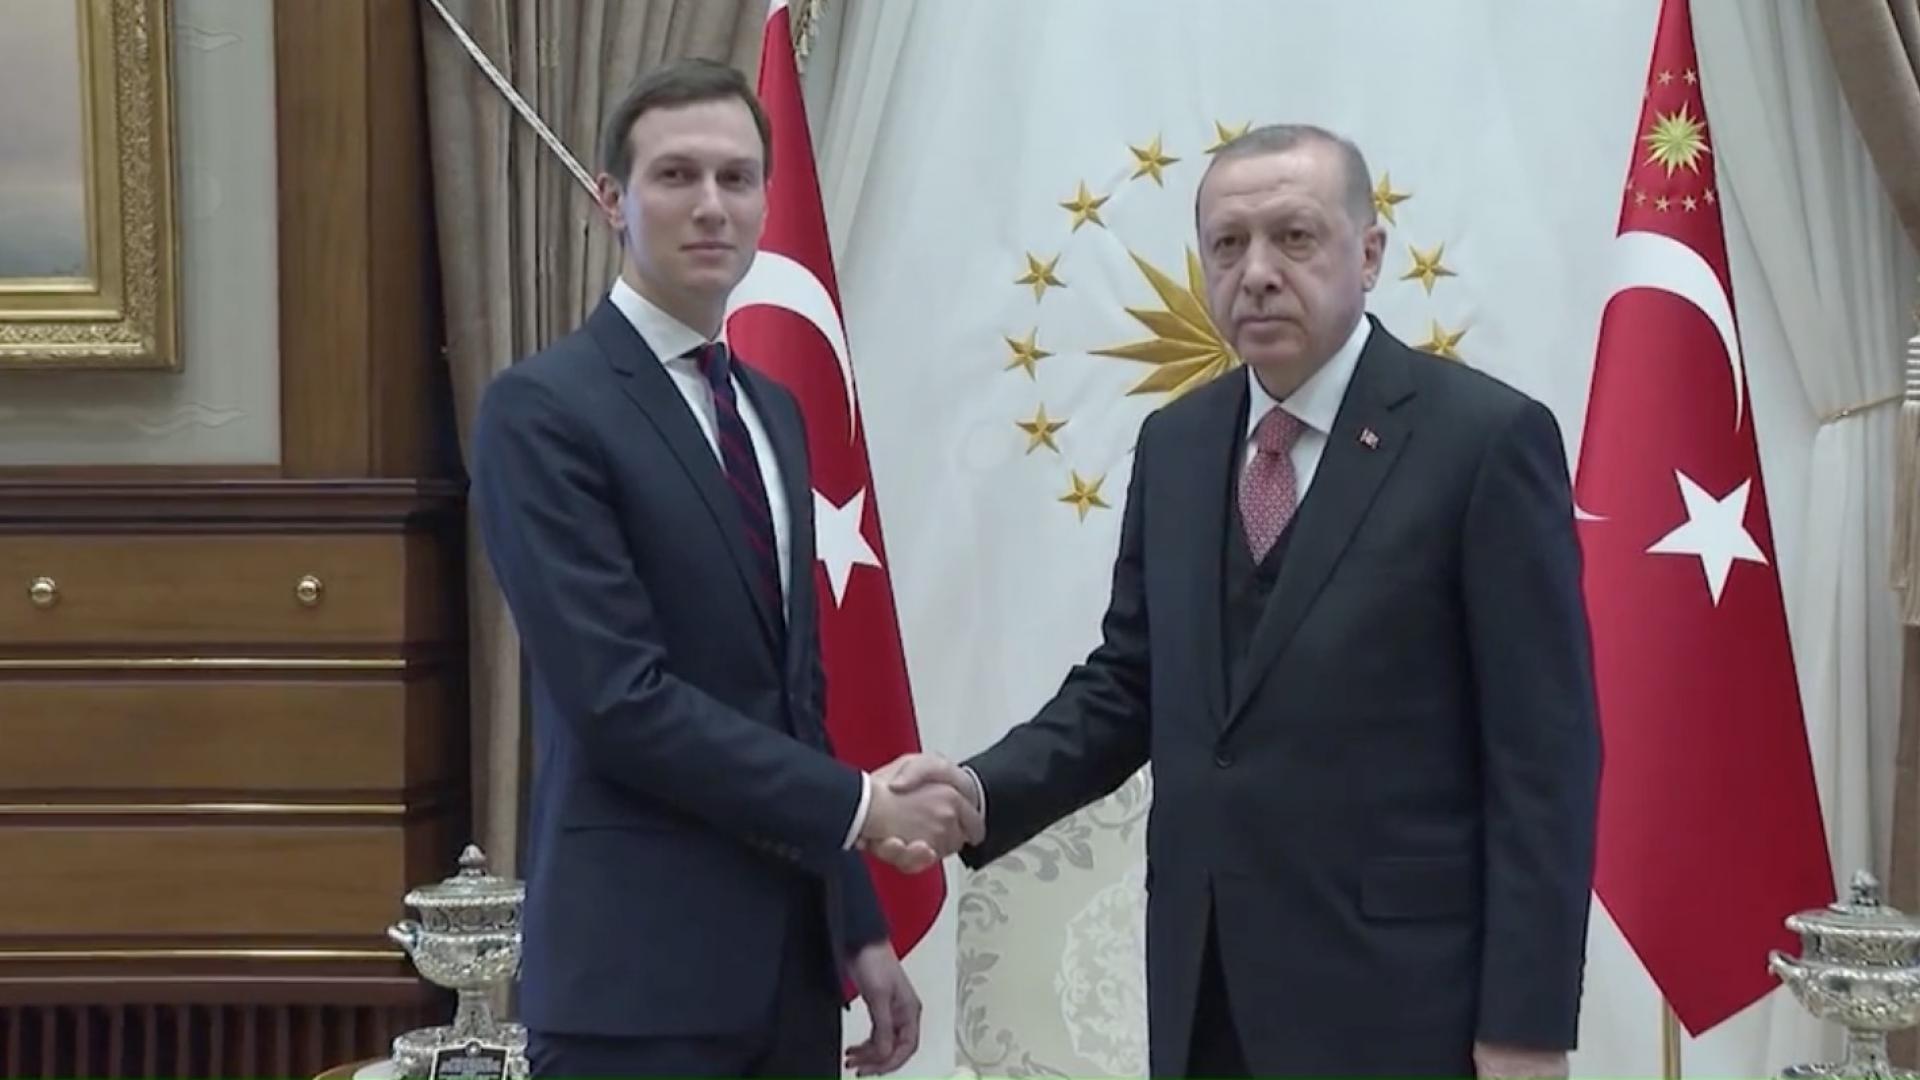 بعد لقاء الملك سلمان وولي عهد السعودية.. كوشنر يلتقي رئيس تركيا بأنقرة